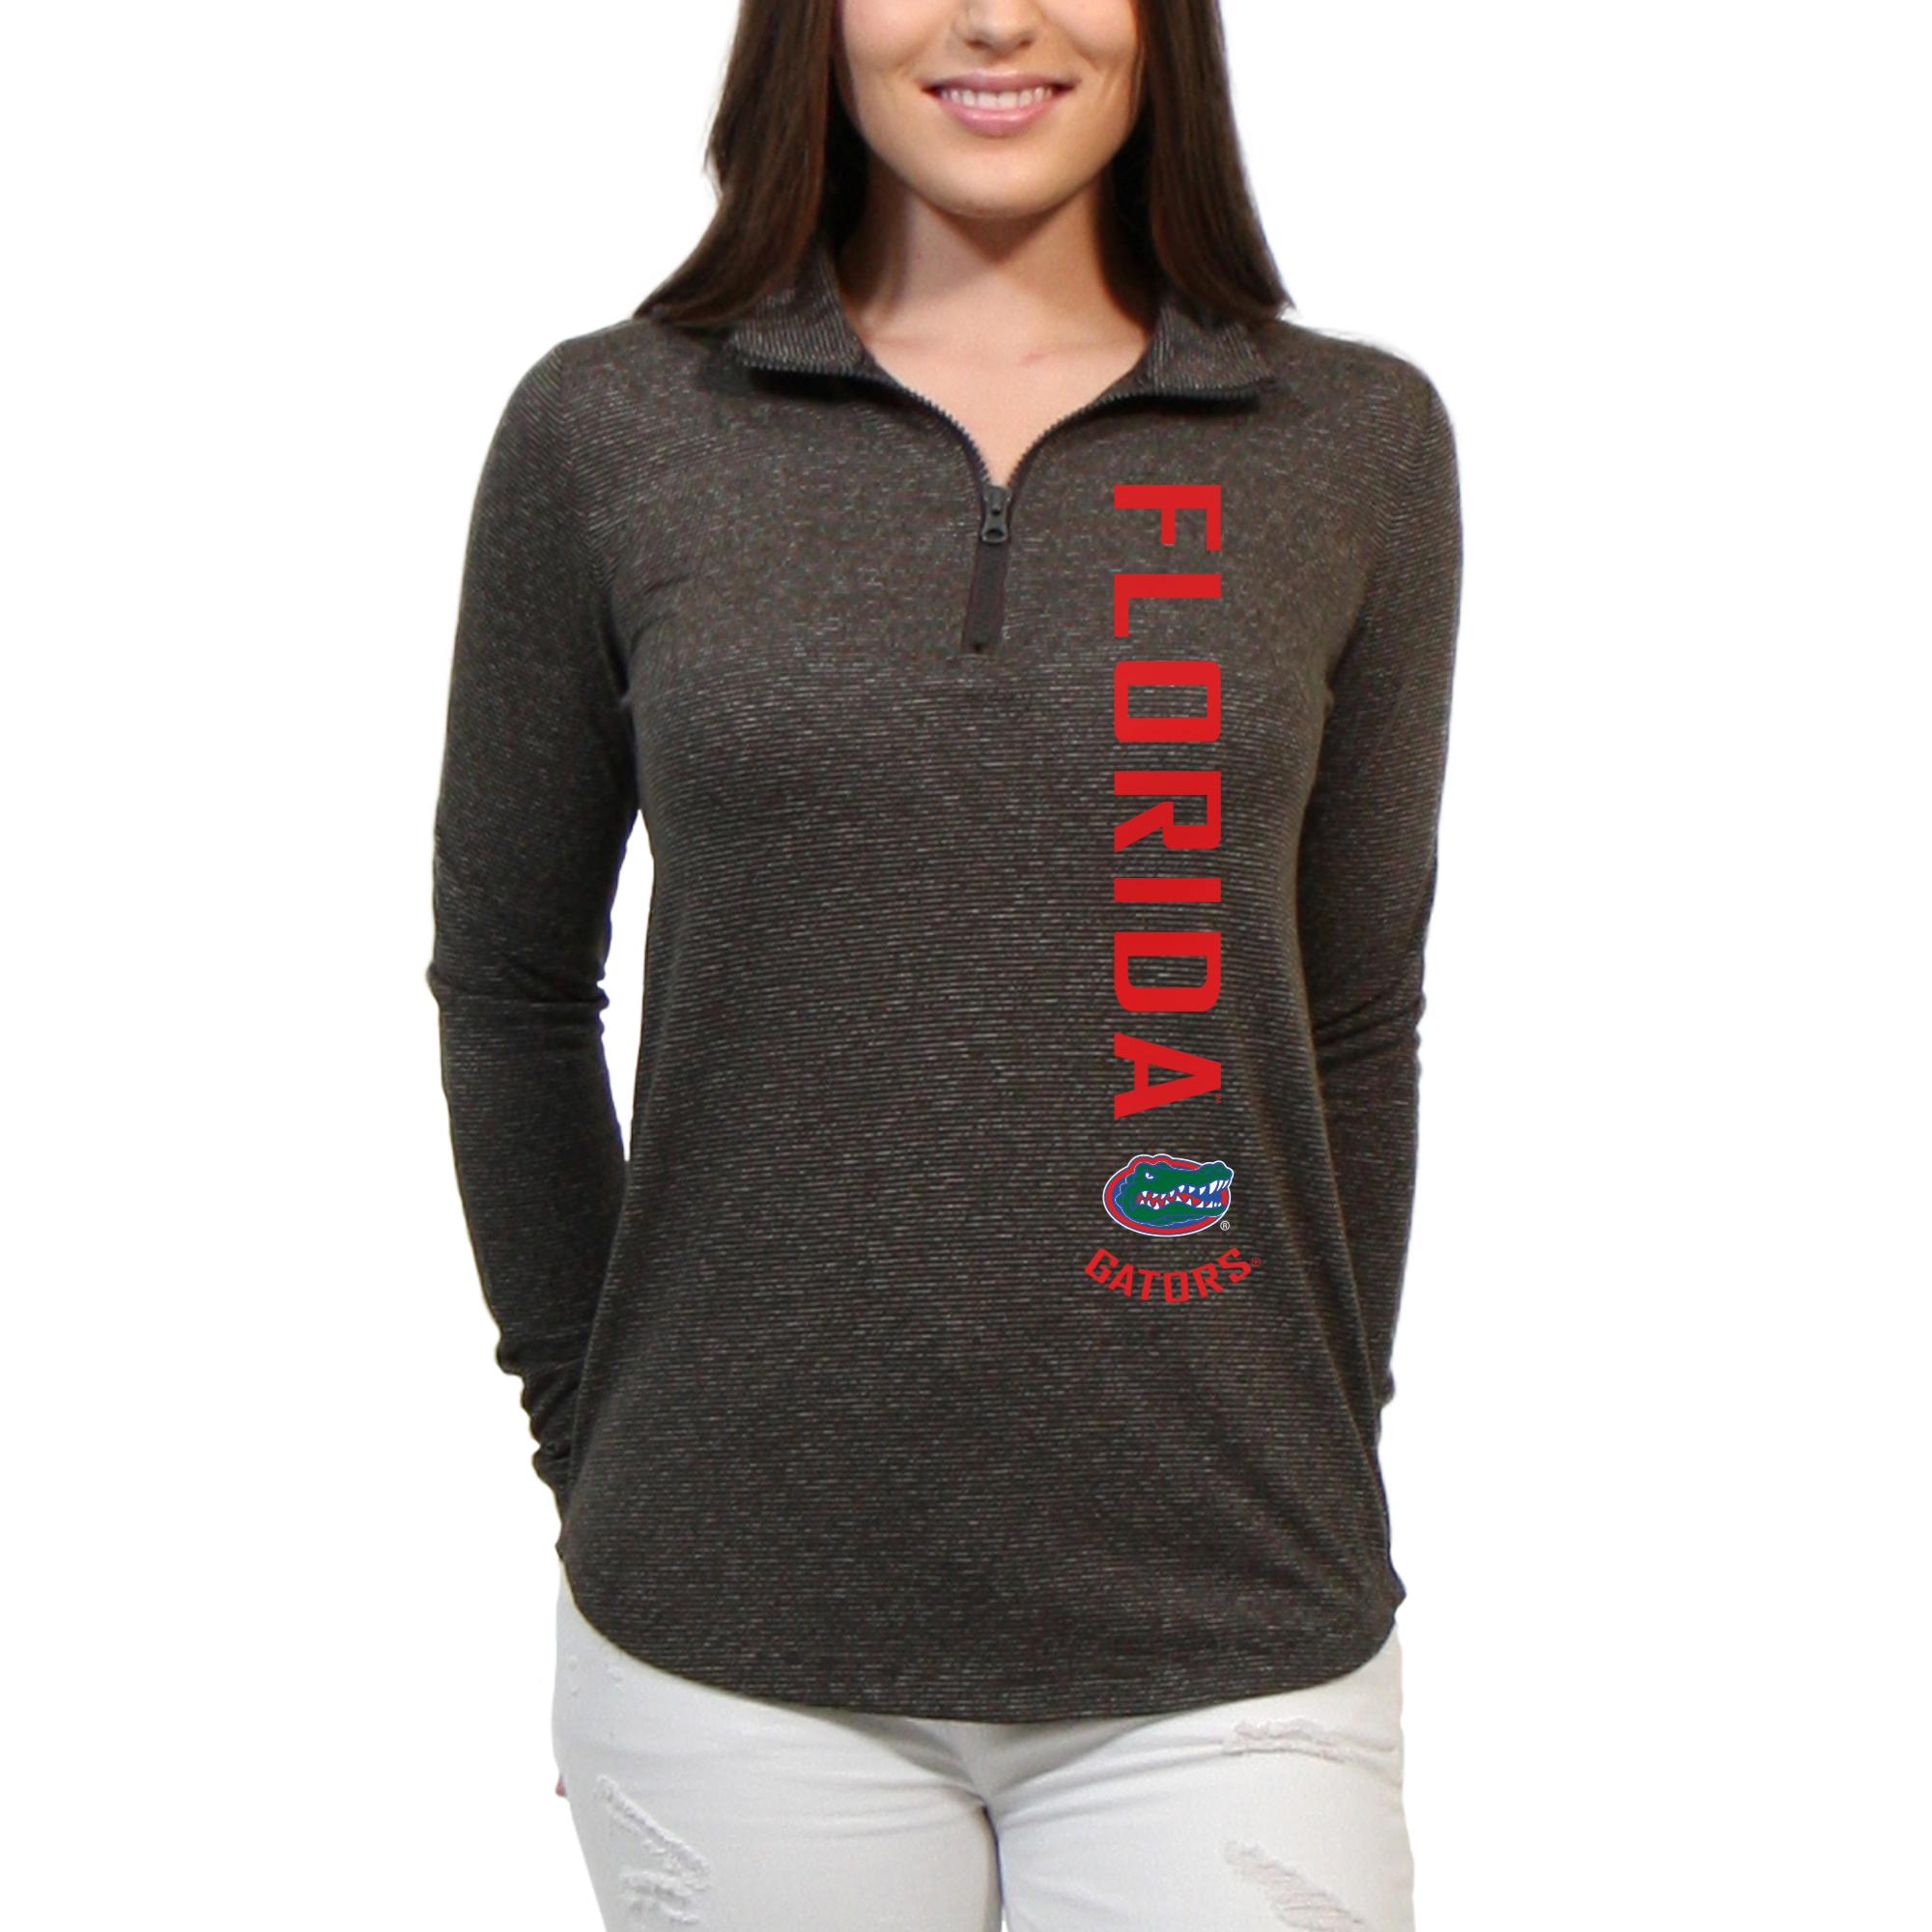 Florida Gators Cascade Text Women's/Juniors Team Long Sleeve Half Zip Shirt